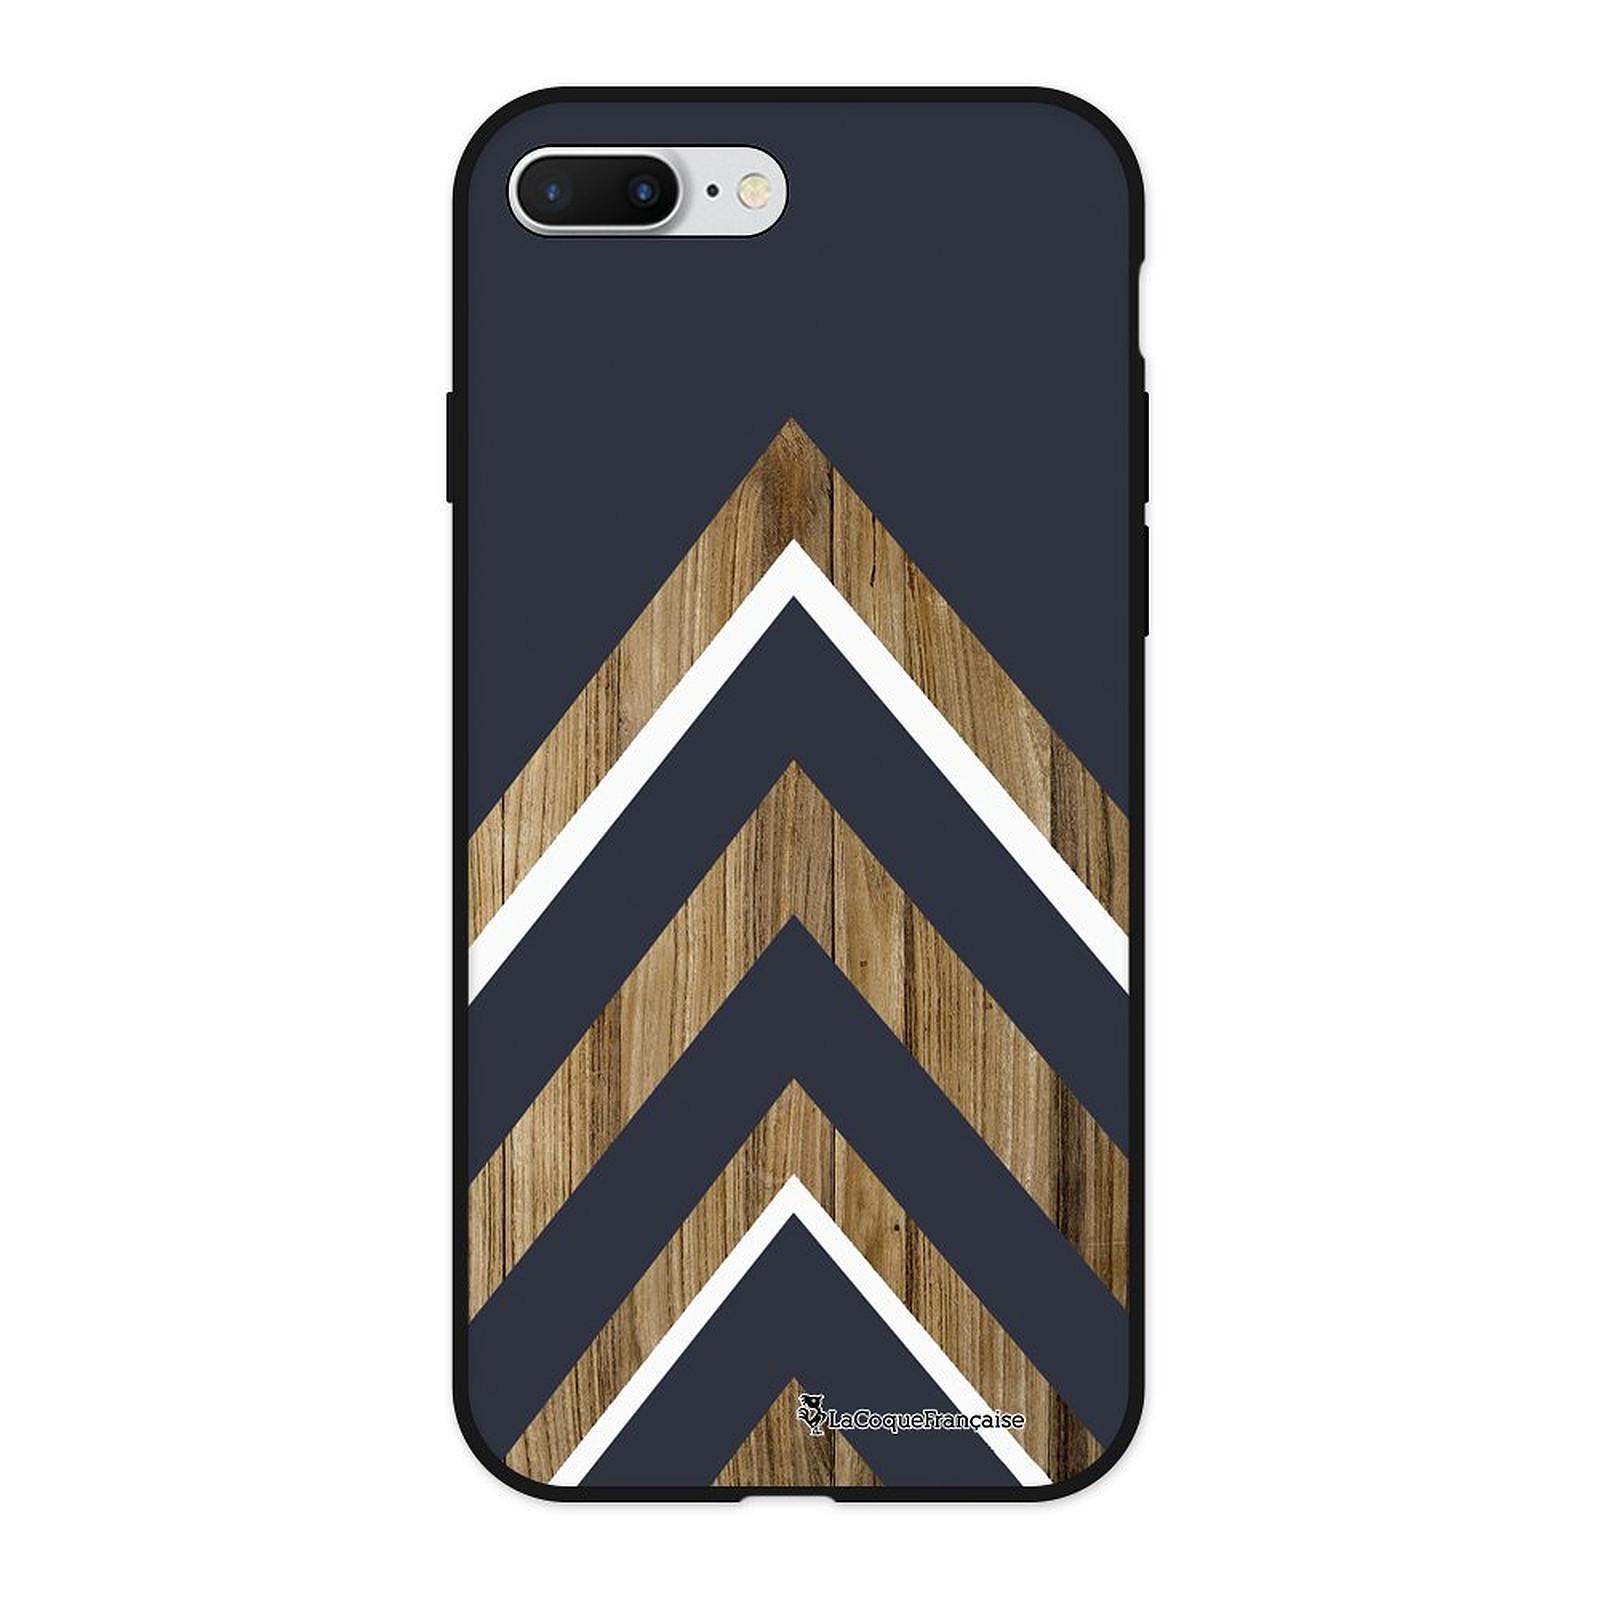 LA COQUE FRANCAISE Coque iPhone 7 Plus/ 8 Plus Silicone Liquide Douce noir Trio bleu marine bois - Coque téléphone LaCoqueFrançaise sur LDLC